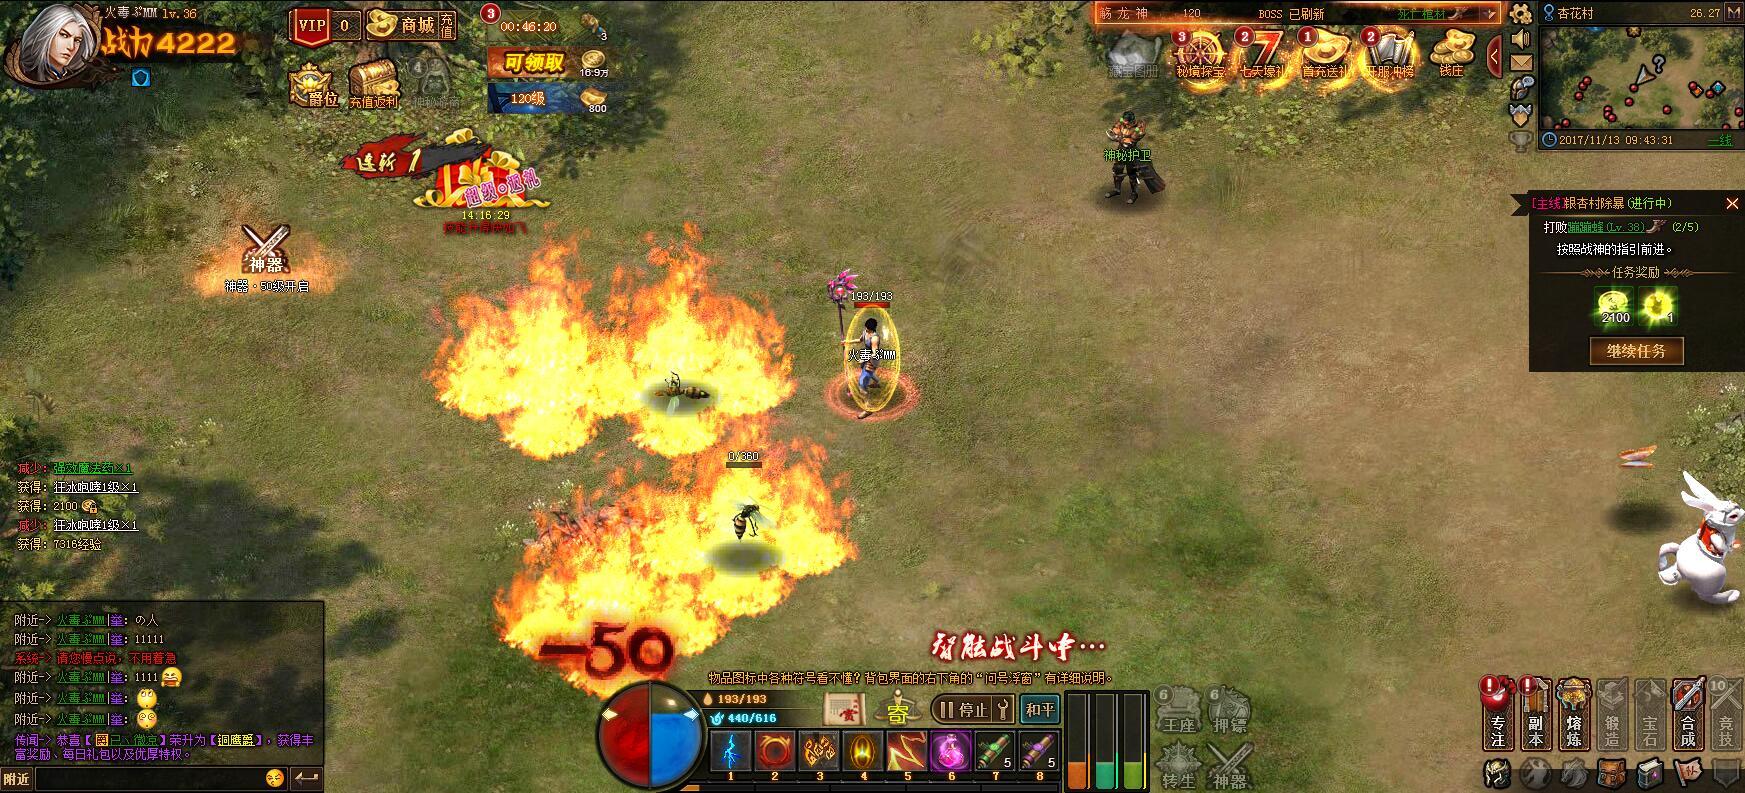 龙魂之怒游戏截图4